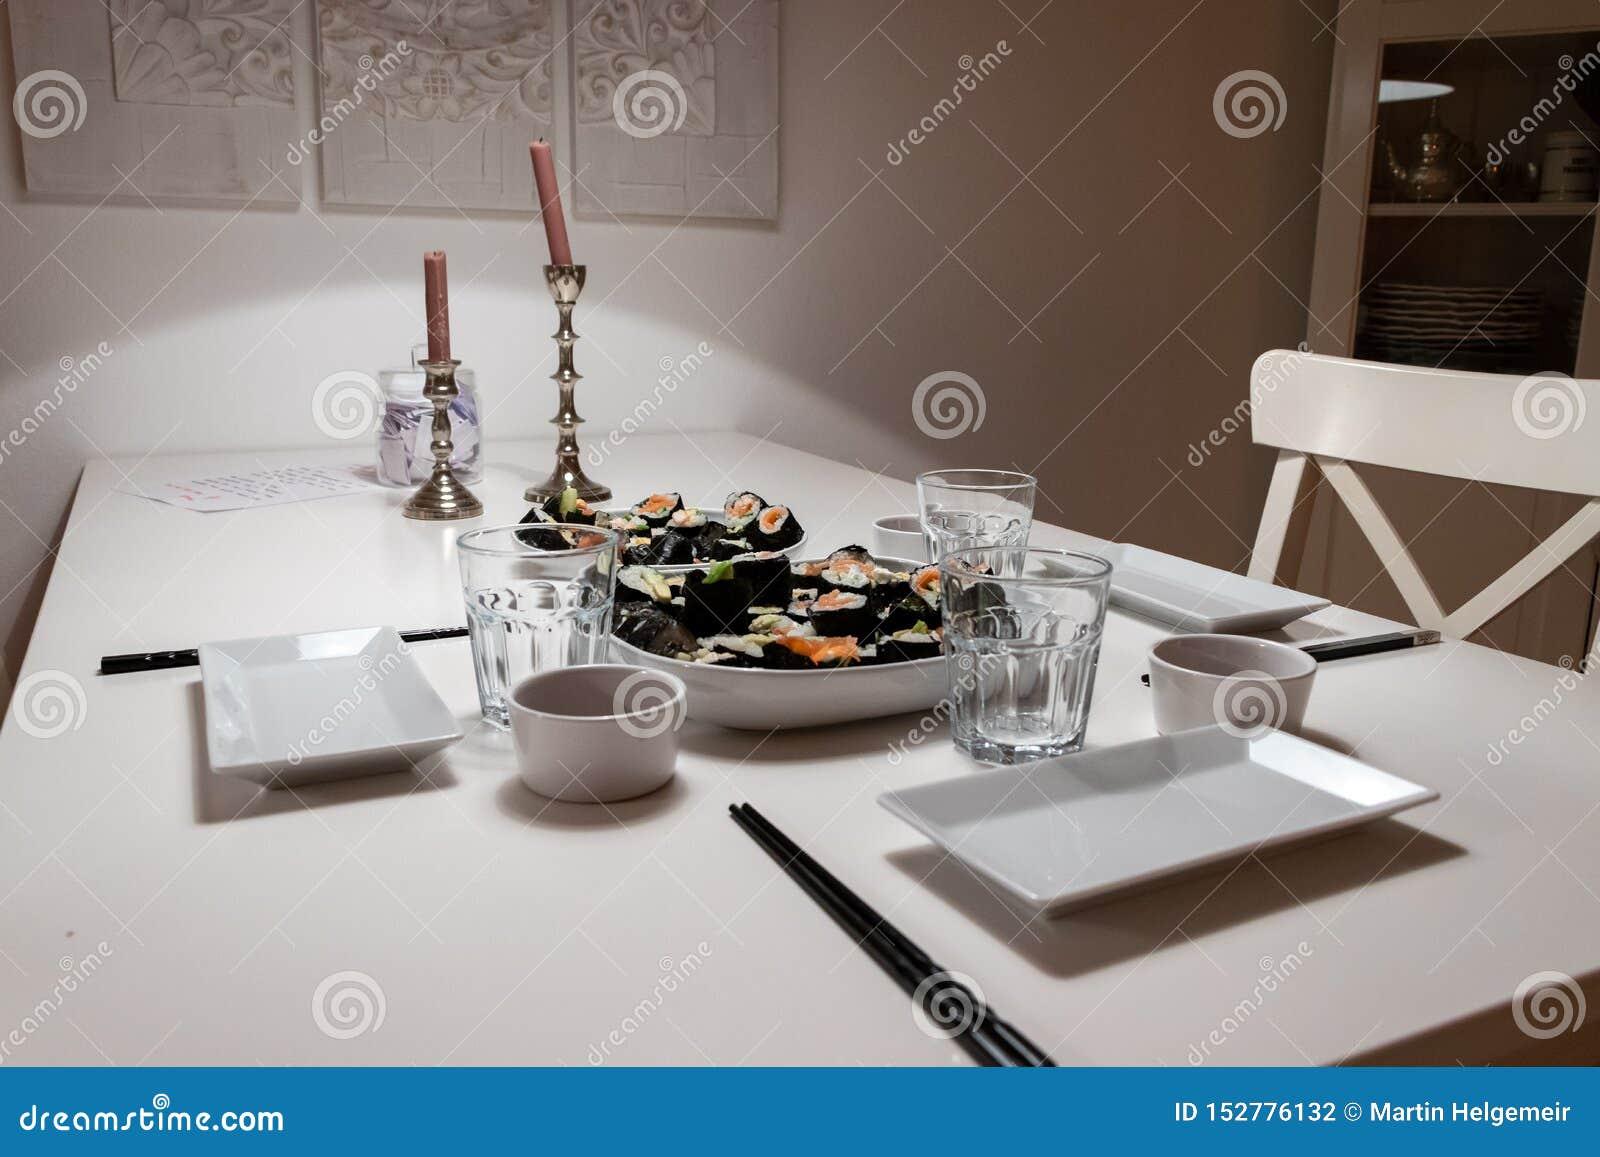 Plats et plats sur la table dans un appartement l individu a fait le petit pain de sushi Dîner romantique avec la lumière ambiant